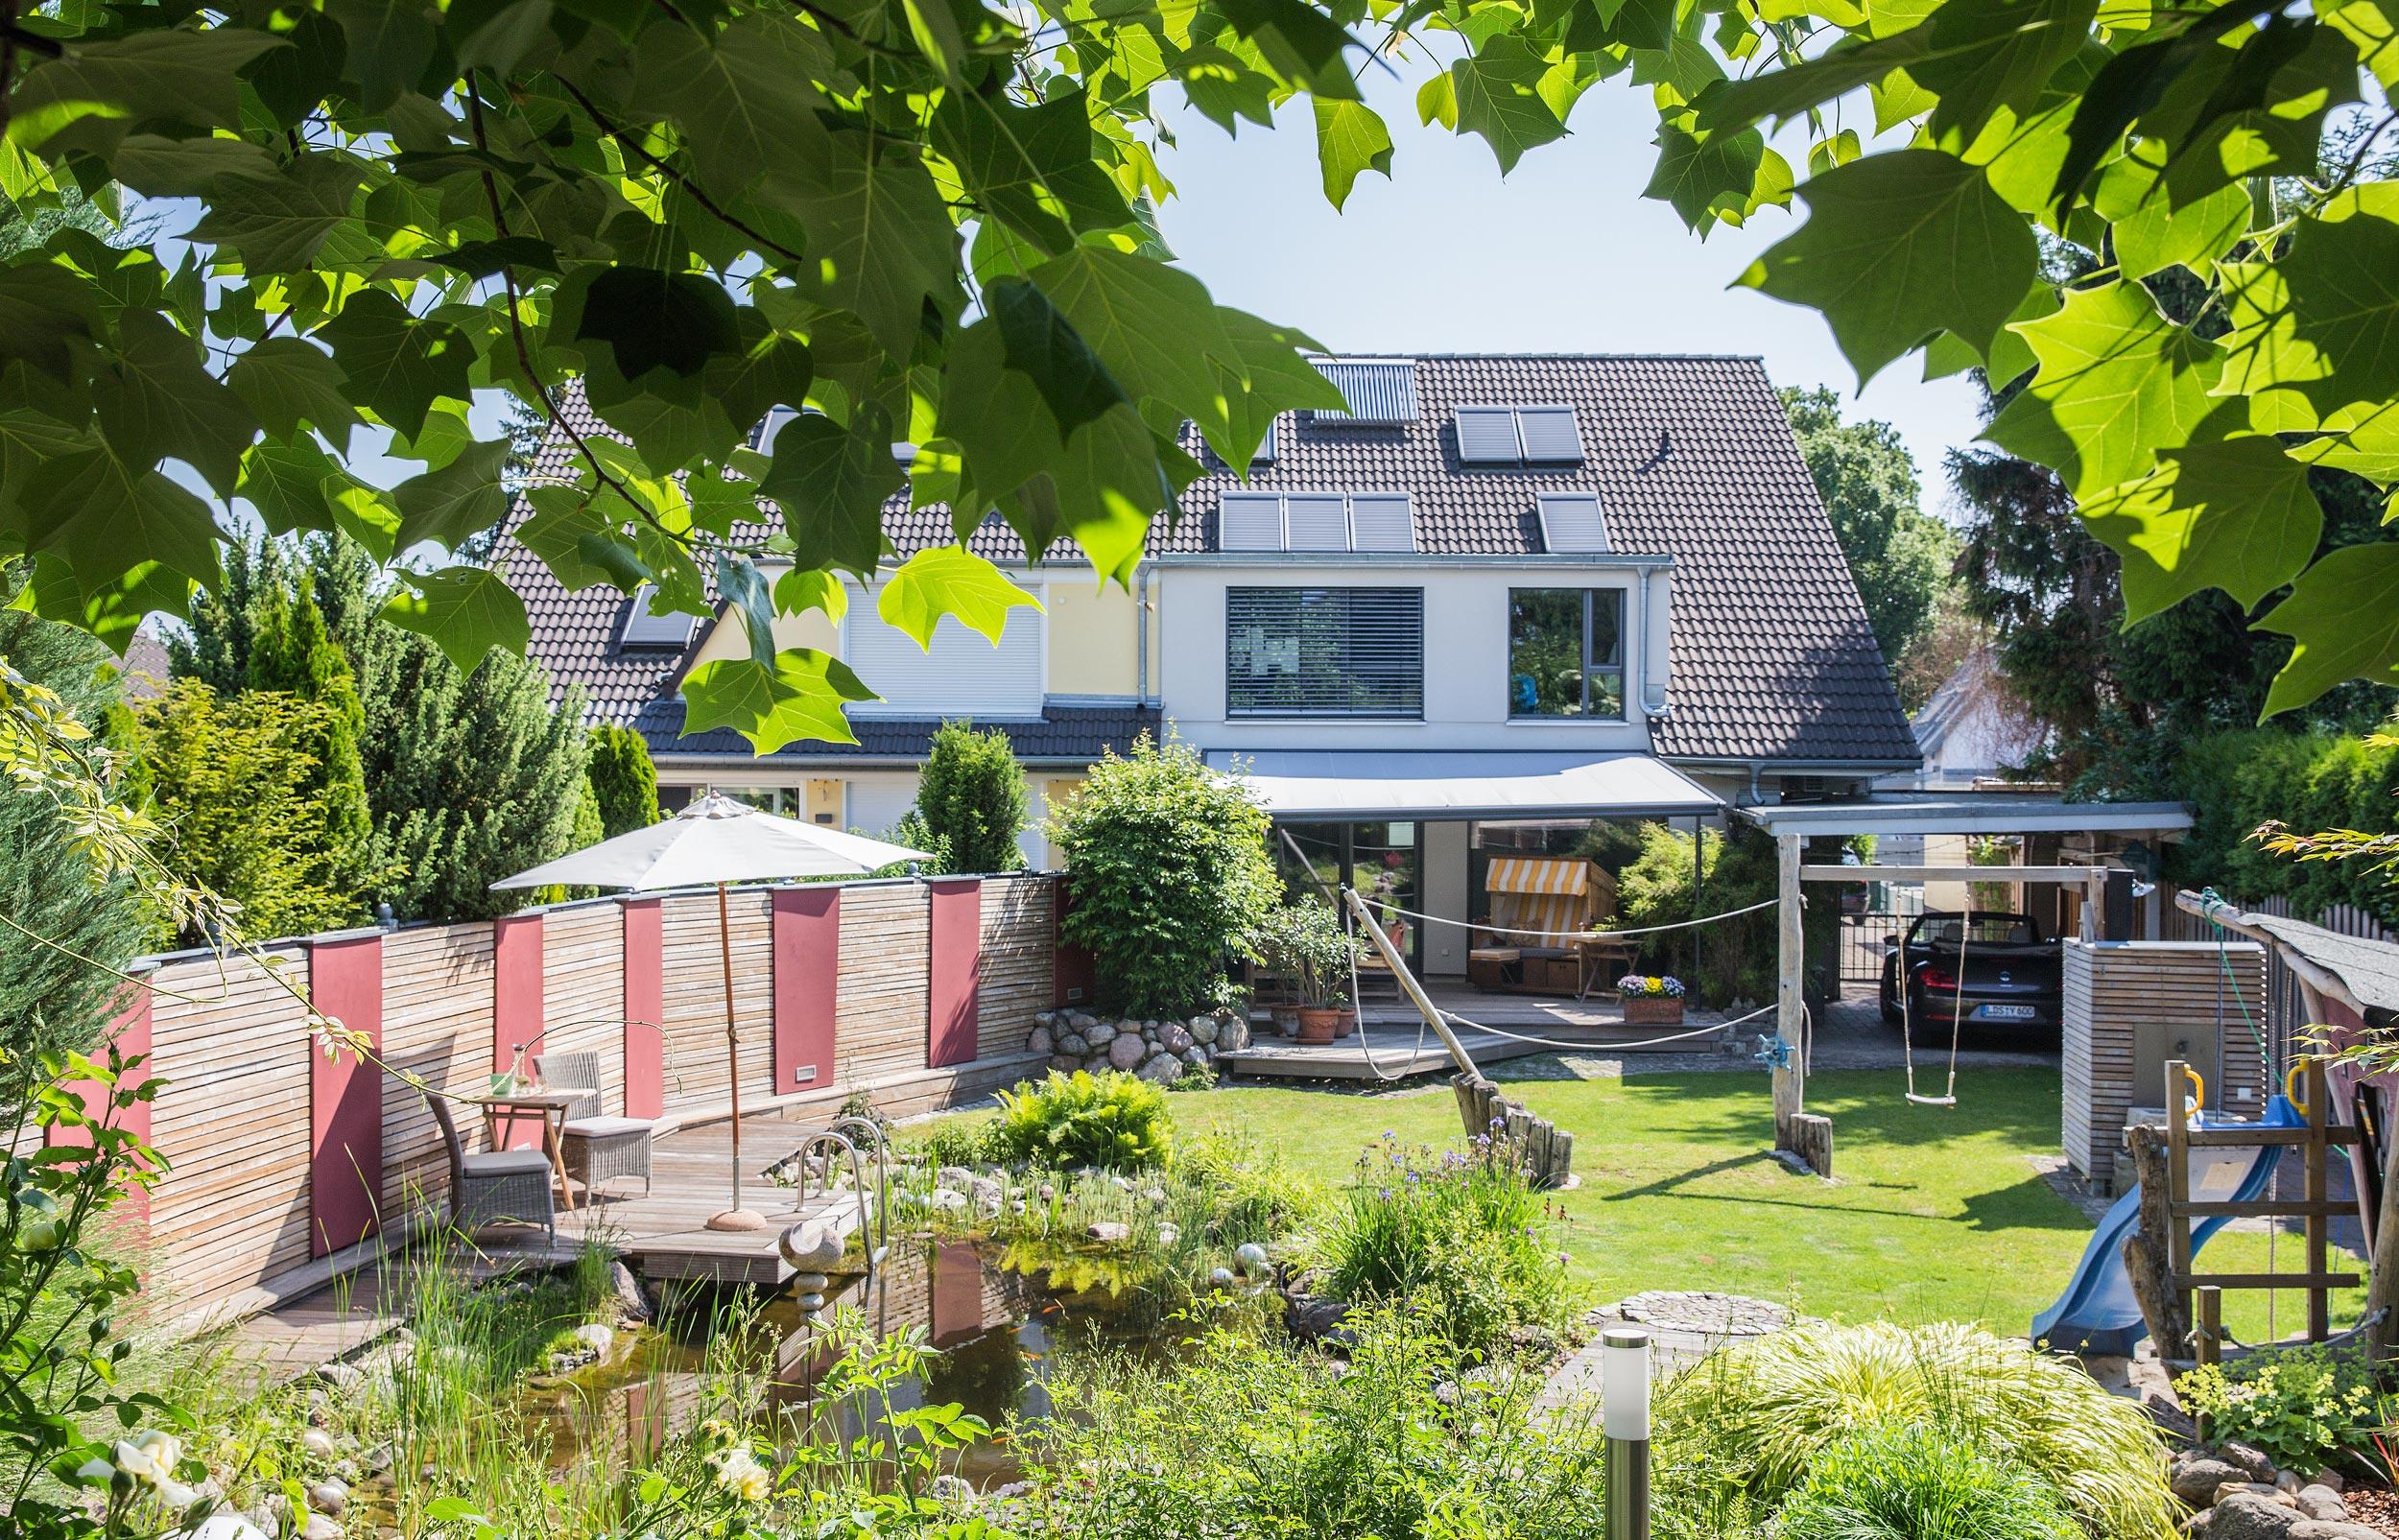 Gartenseitiger Blick auf das Haus